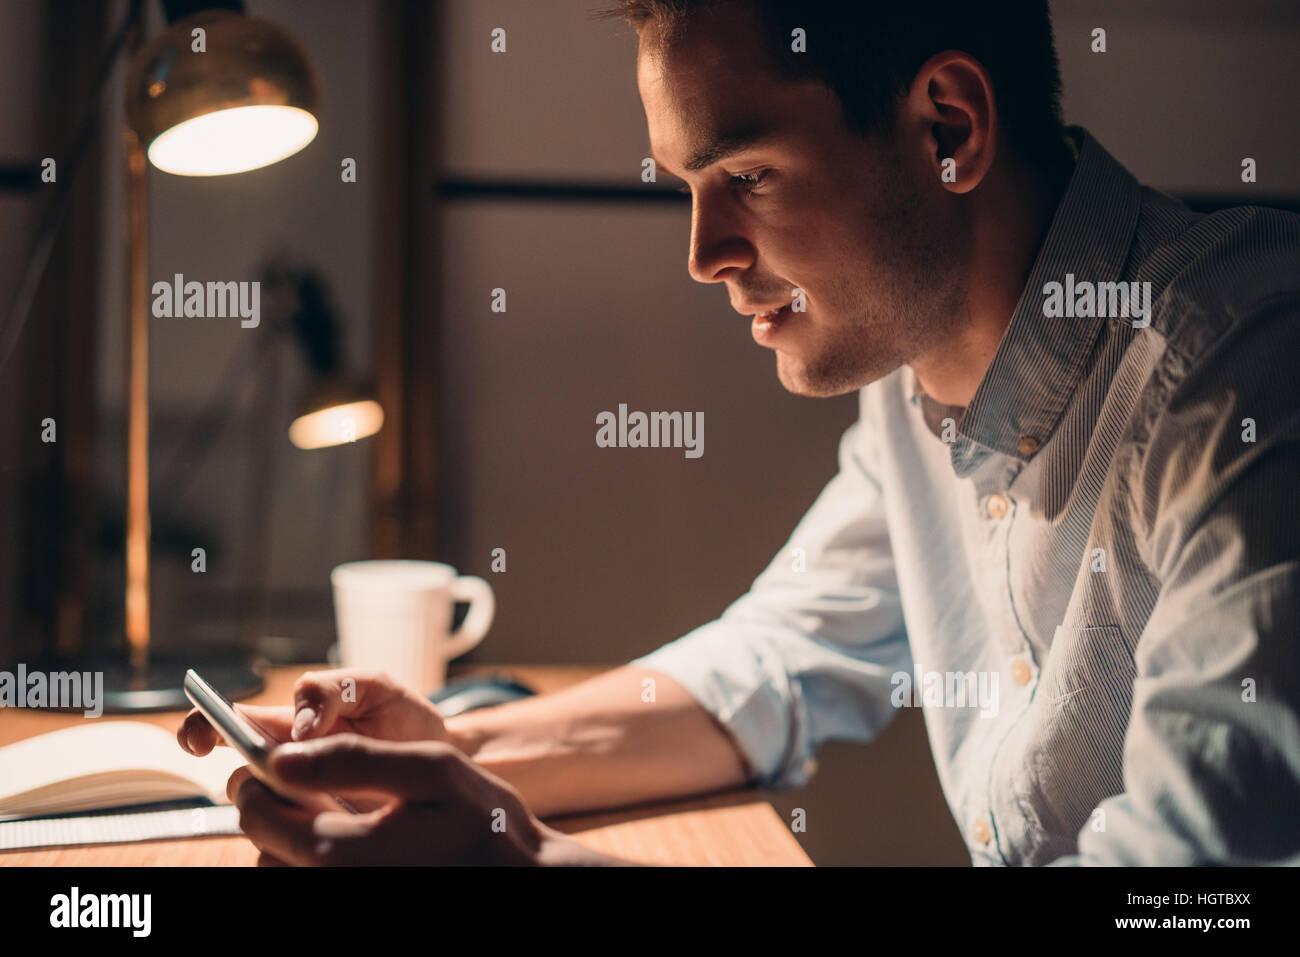 Junger Geschäftsmann auf einem digitalen Tablet spät in die Nacht arbeiten Stockbild